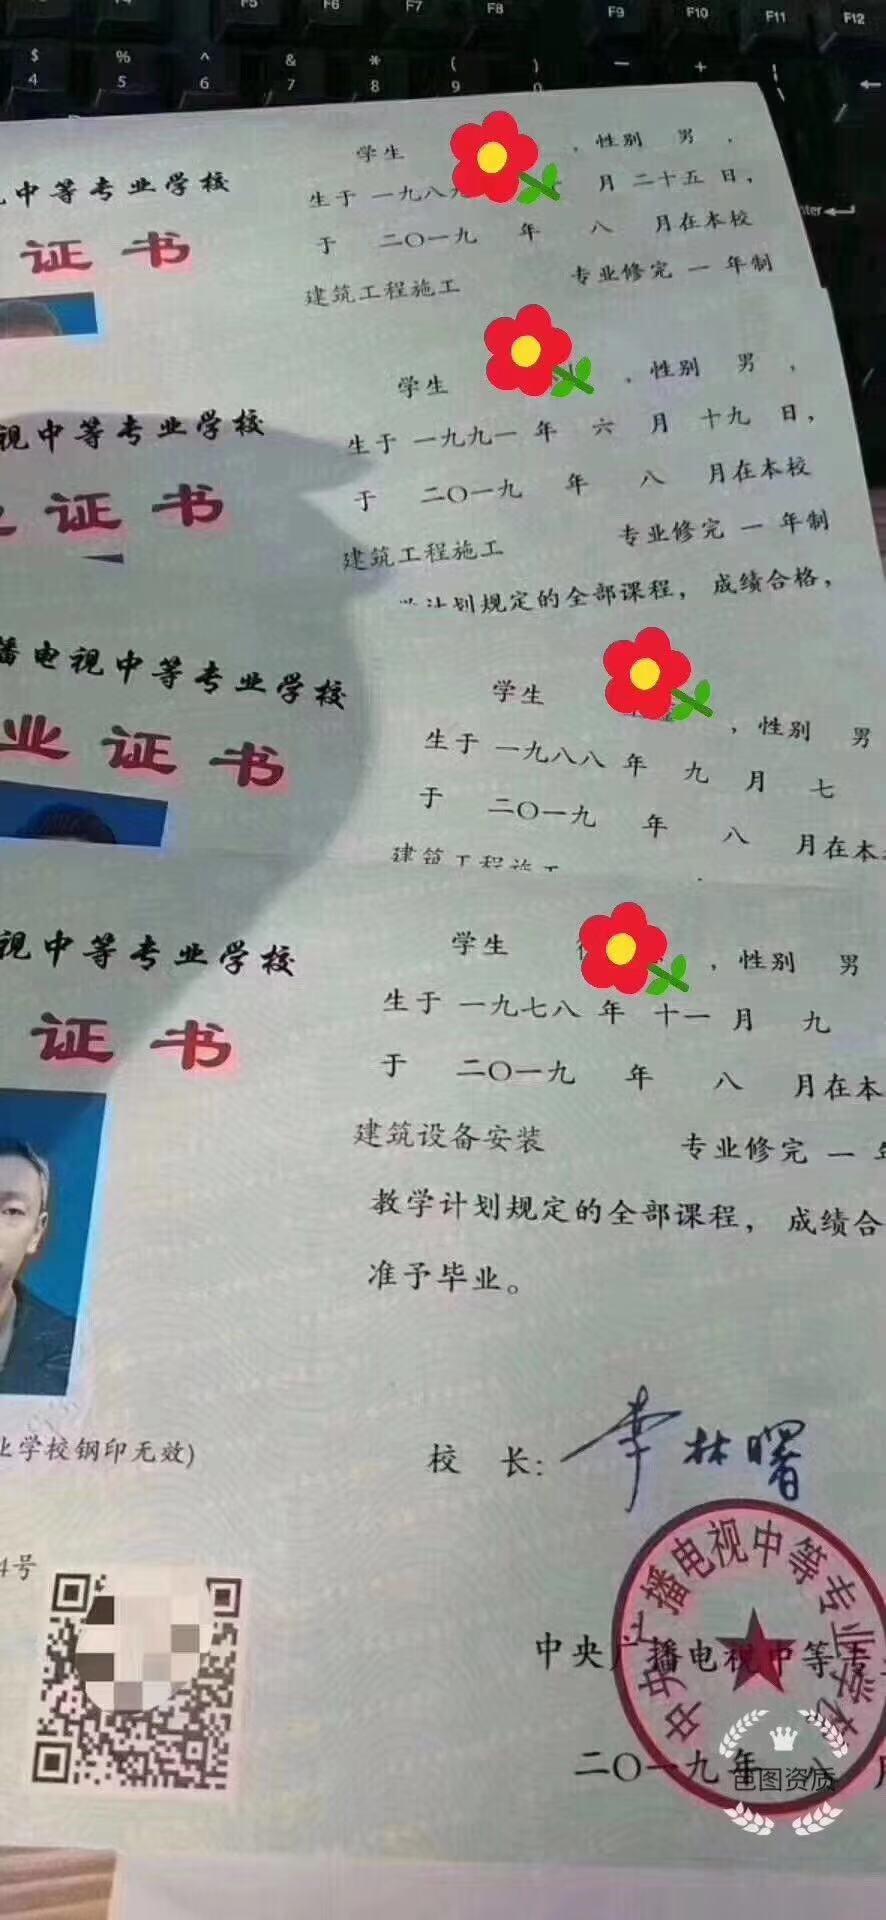 中央广播电视中等专业学校新版报考学习指南